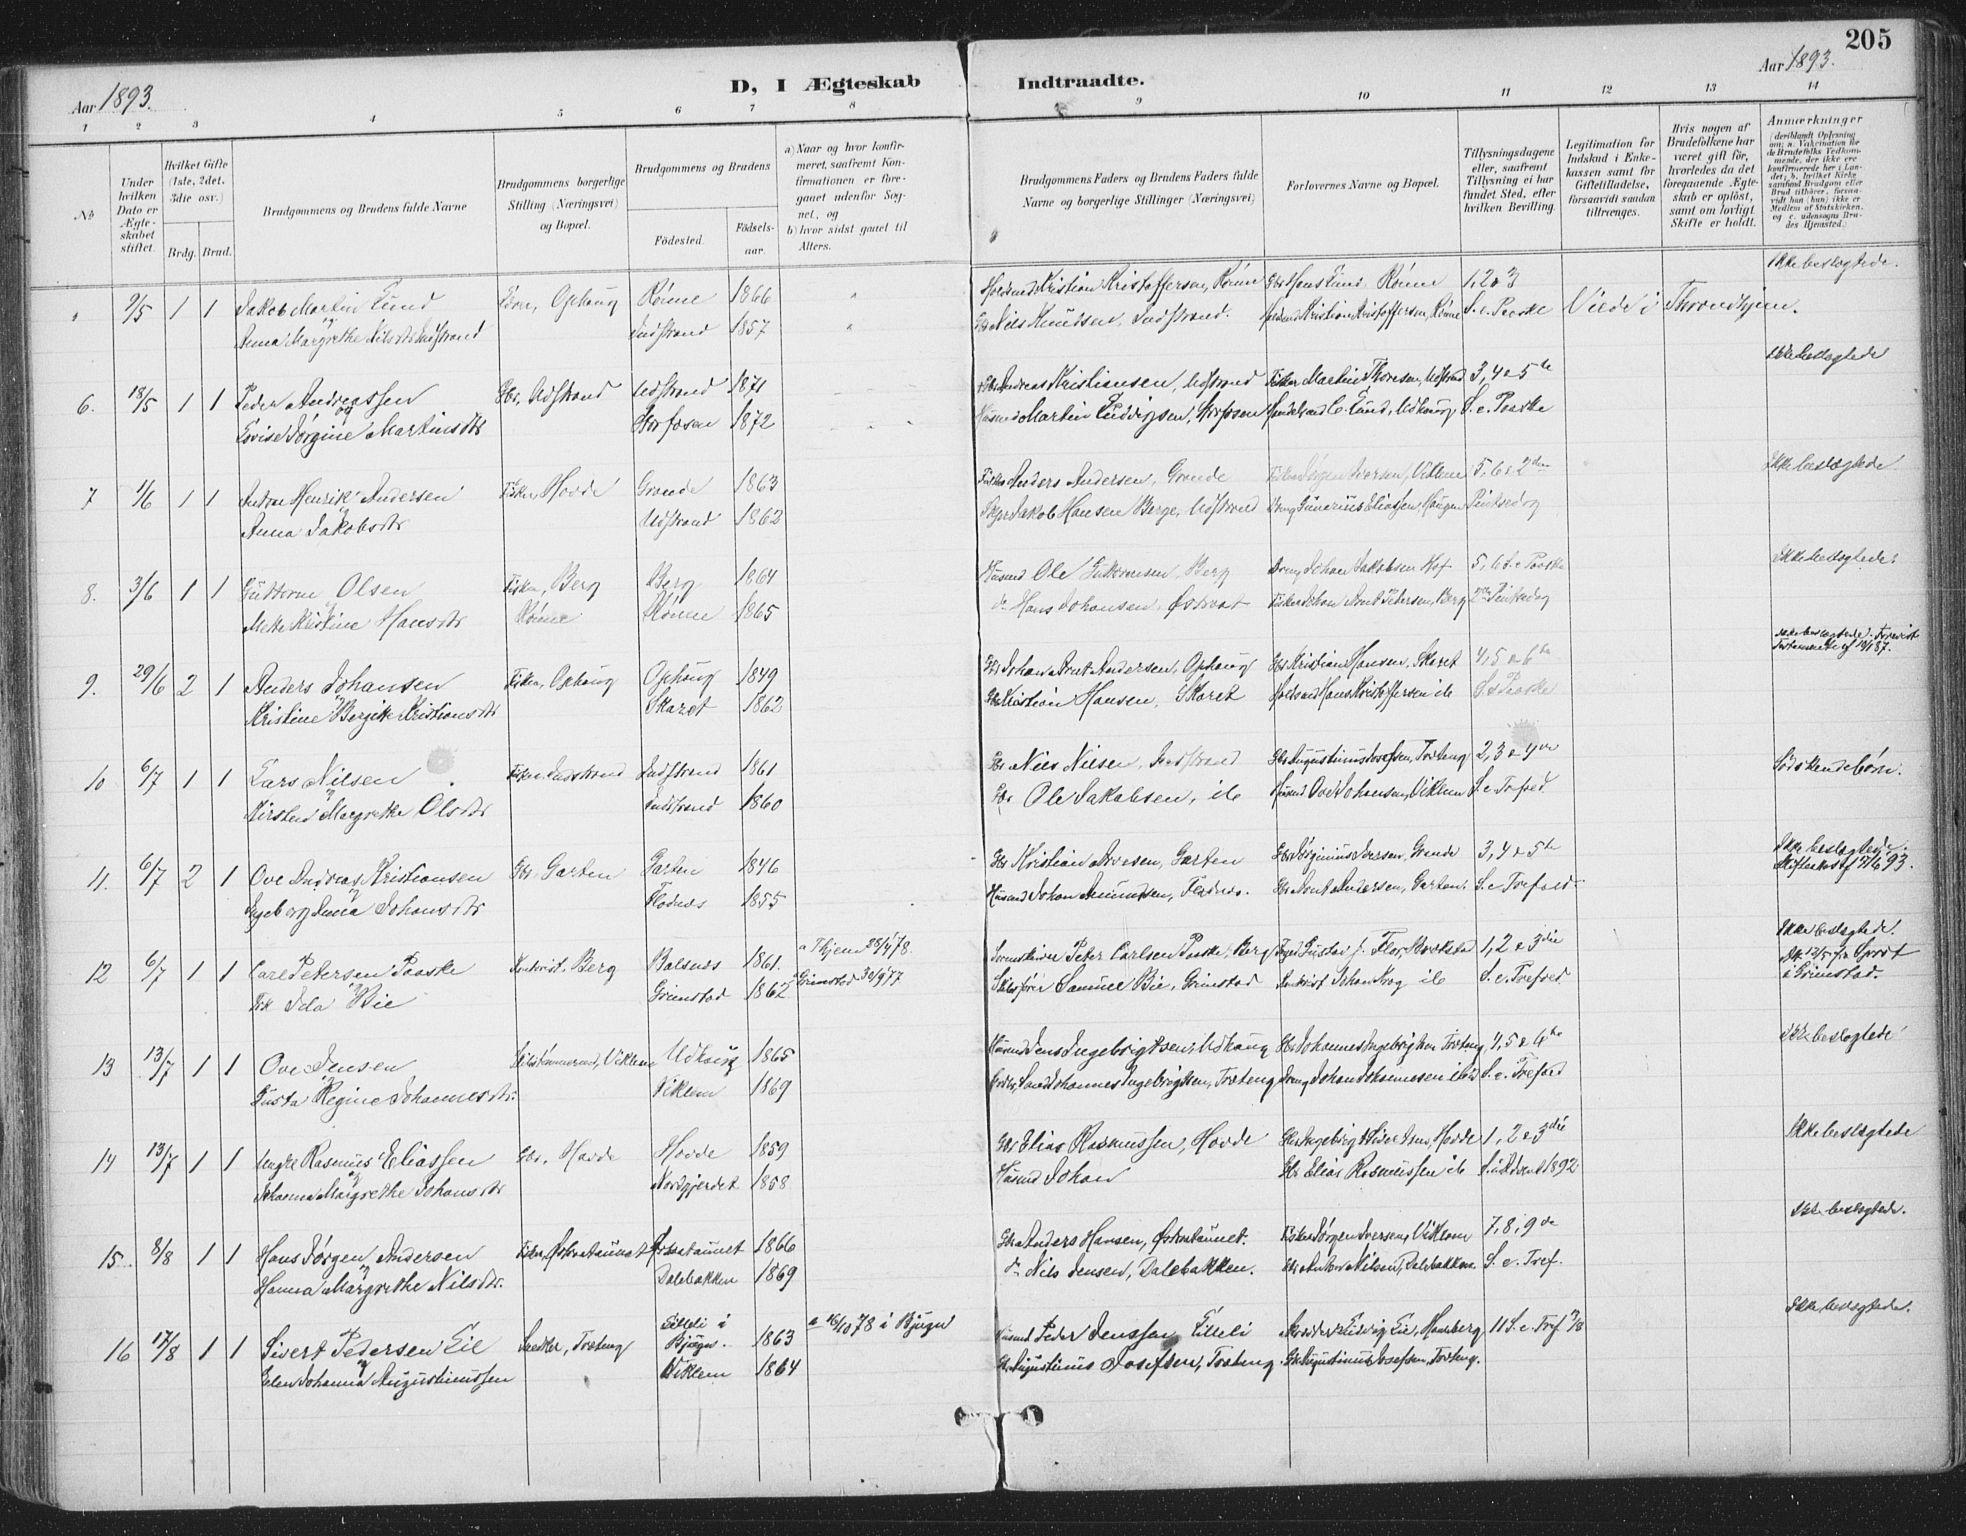 SAT, Ministerialprotokoller, klokkerbøker og fødselsregistre - Sør-Trøndelag, 659/L0743: Ministerialbok nr. 659A13, 1893-1910, s. 205